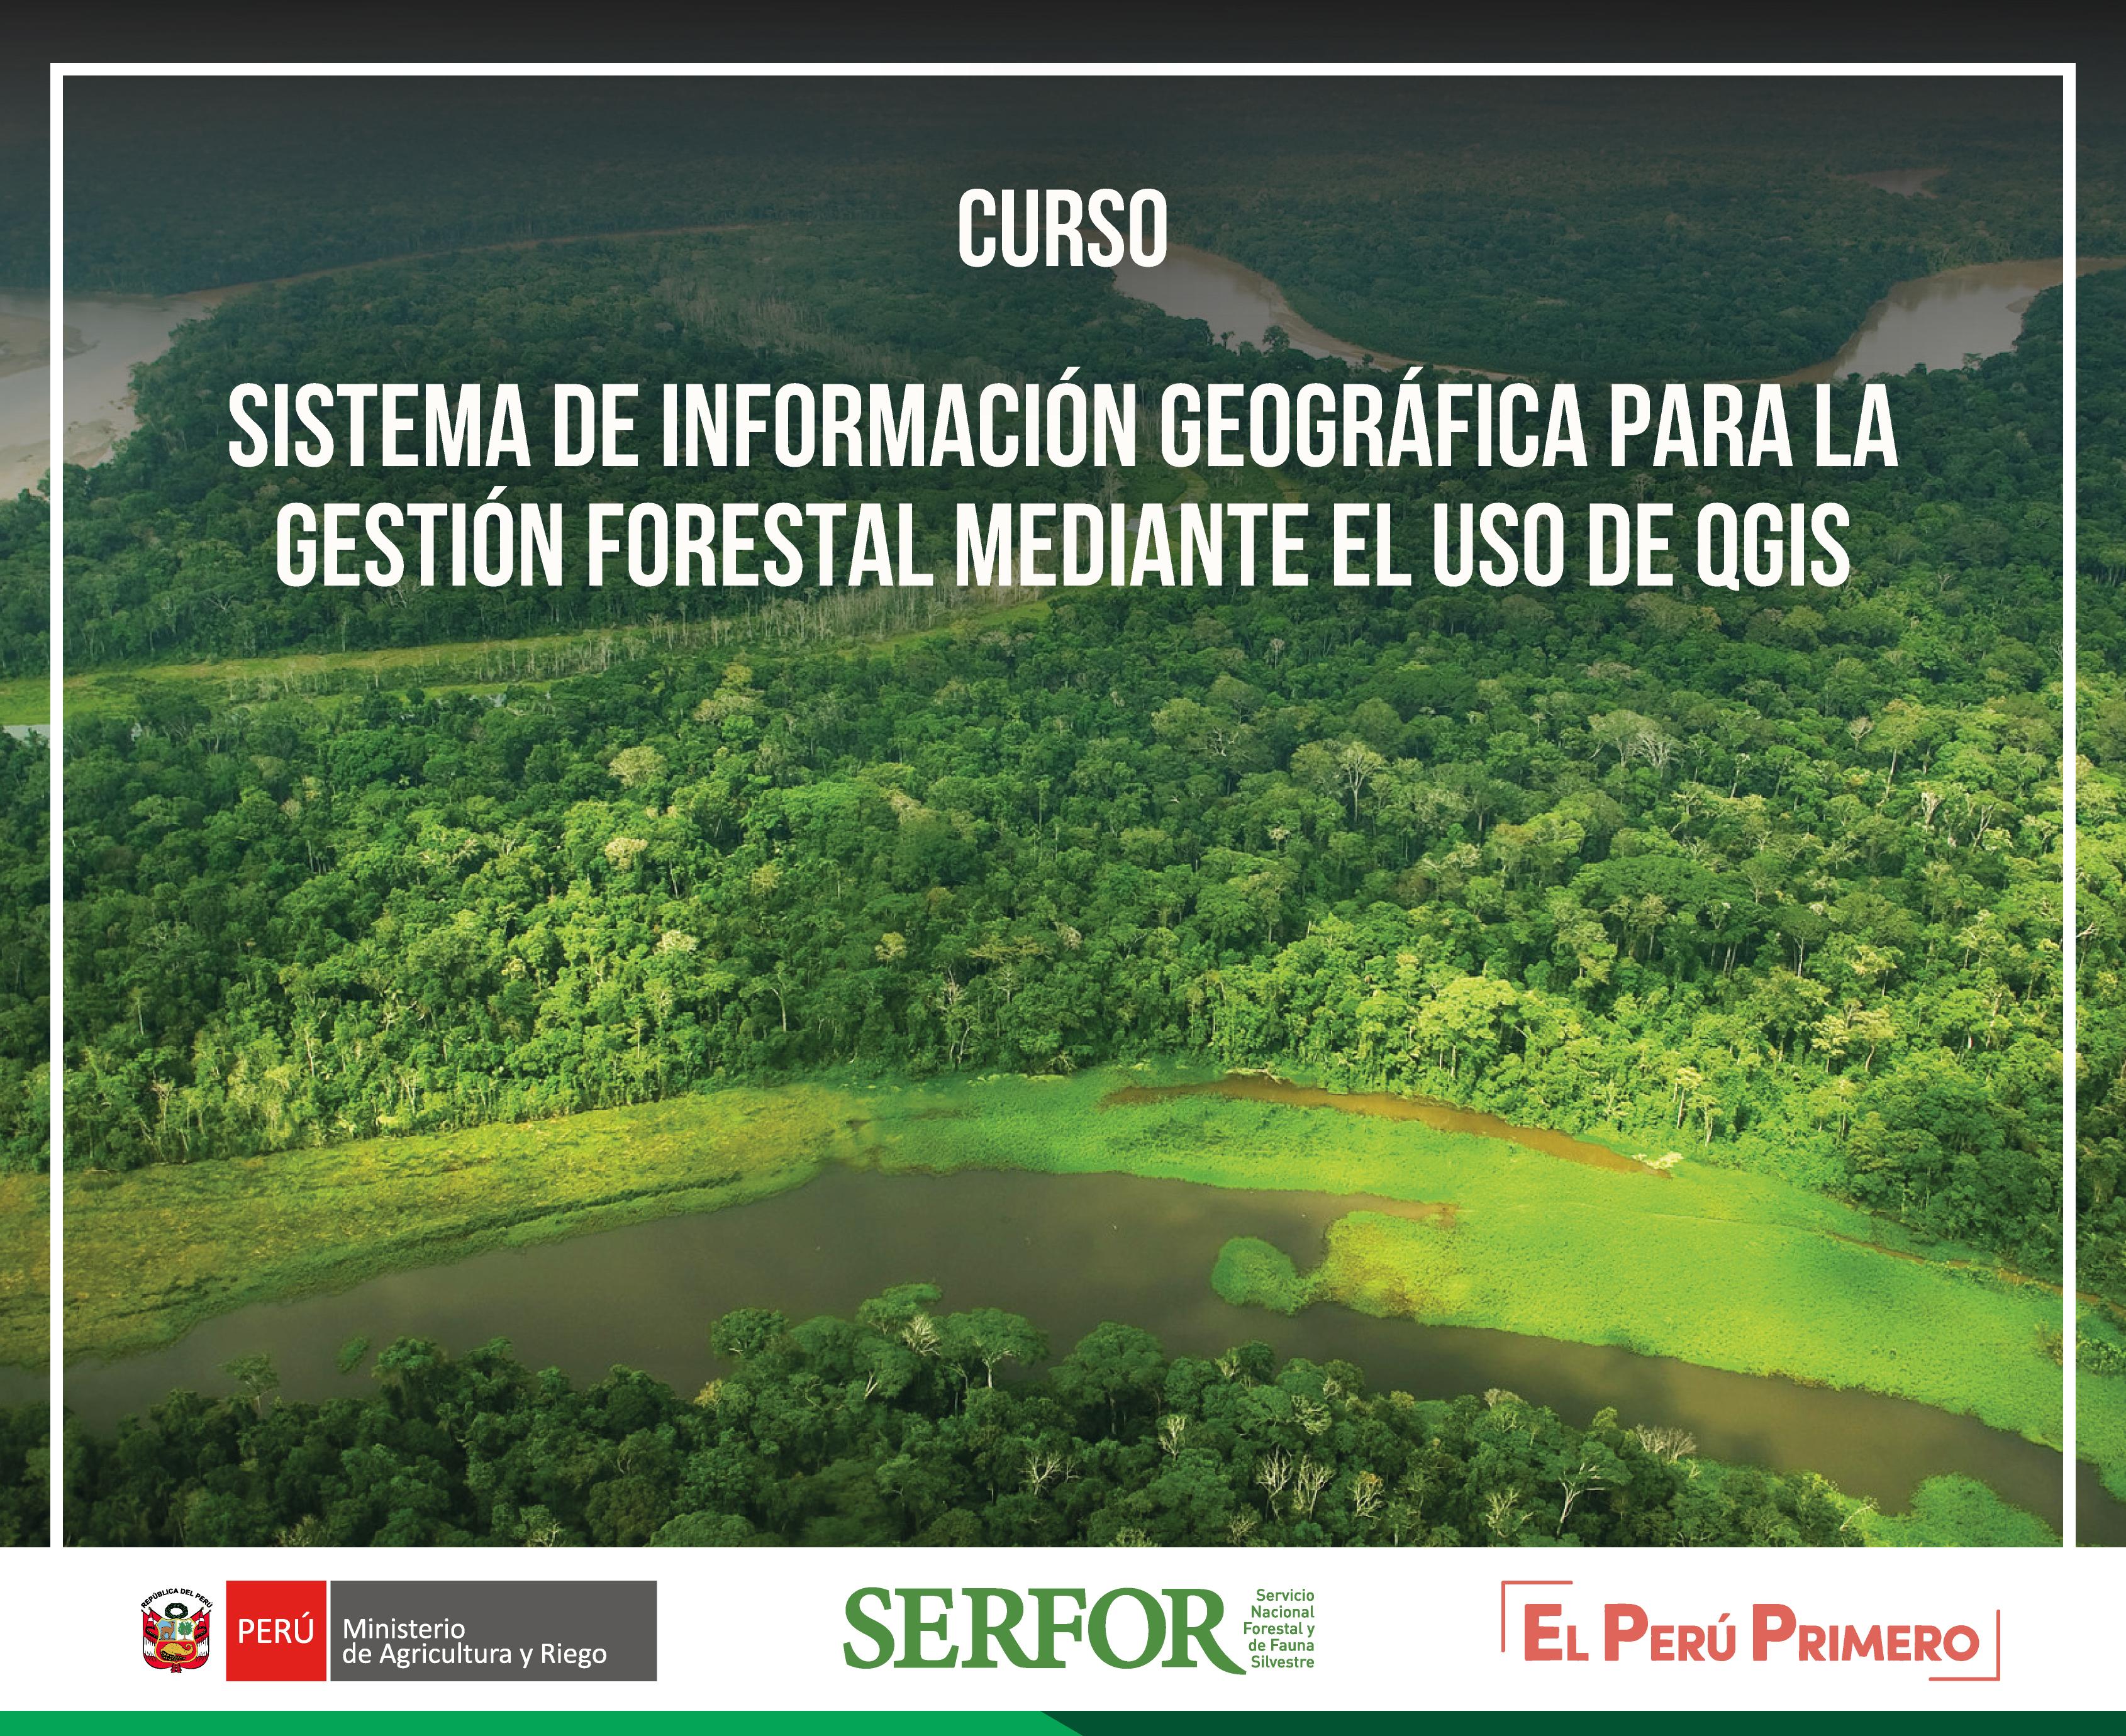 Sistema de Información Geográfica para la Gestión Forestal, mediante el uso de QGIS